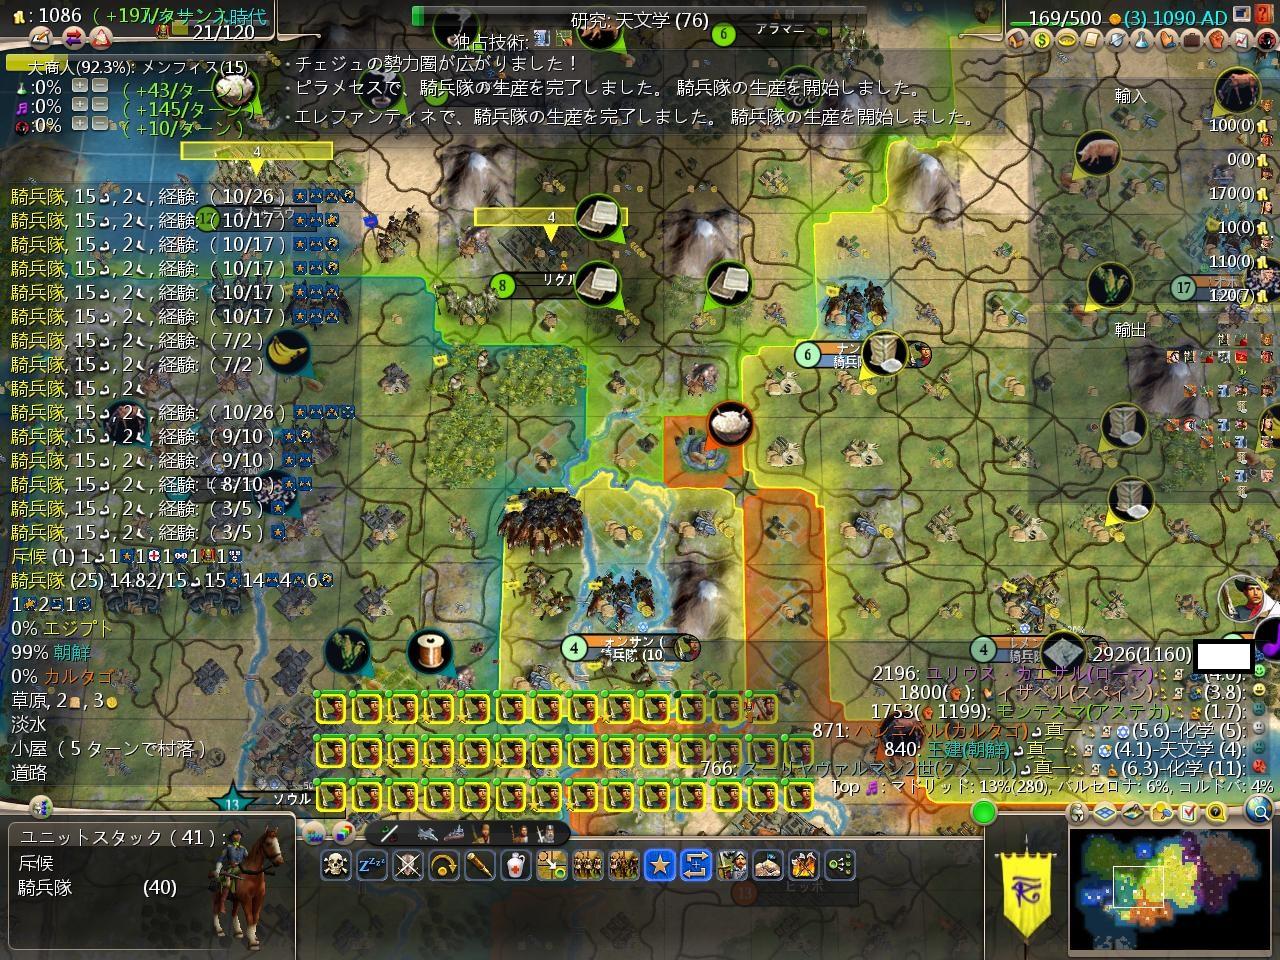 Civ4ScreenShot2215.JPG